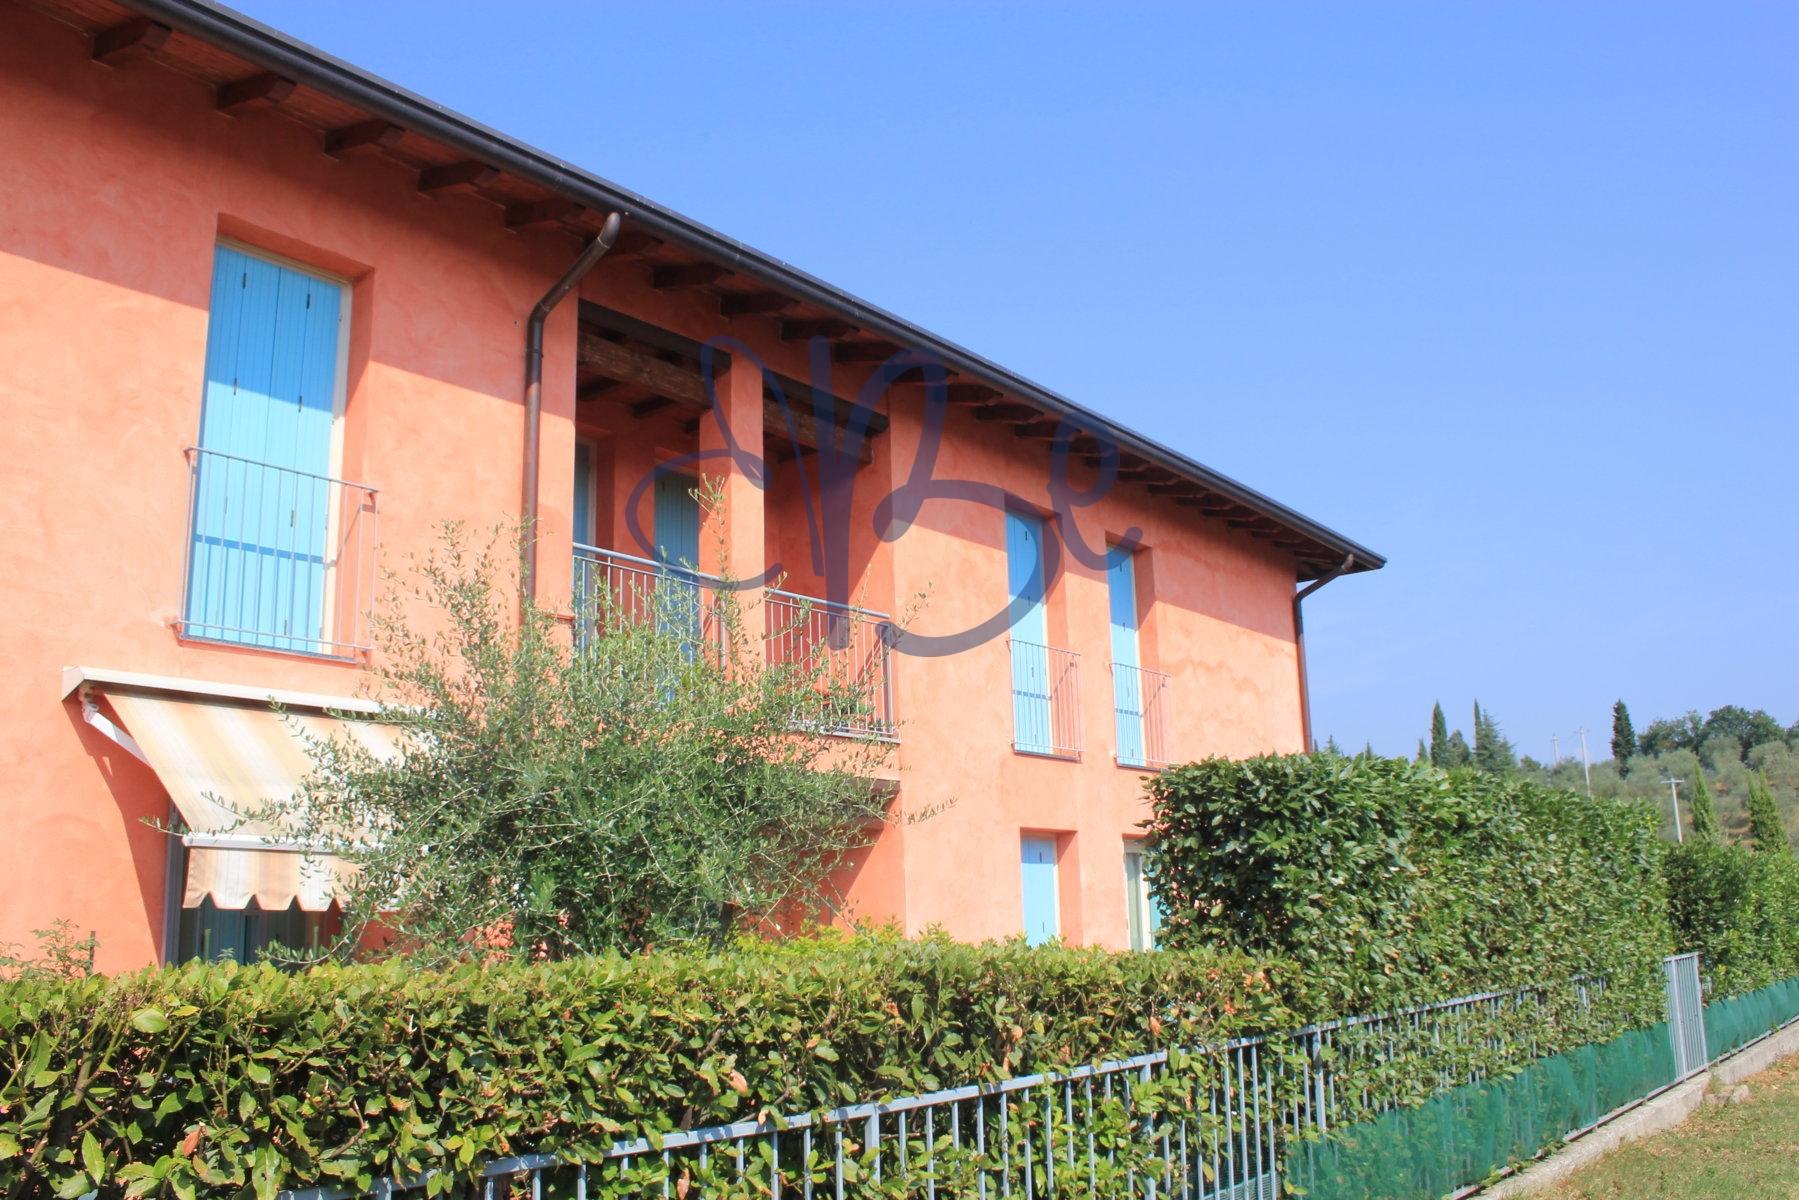 Appartamento in vendita a Salò, 3 locali, zona Zona: Villa, prezzo € 158.000 | Cambio Casa.it